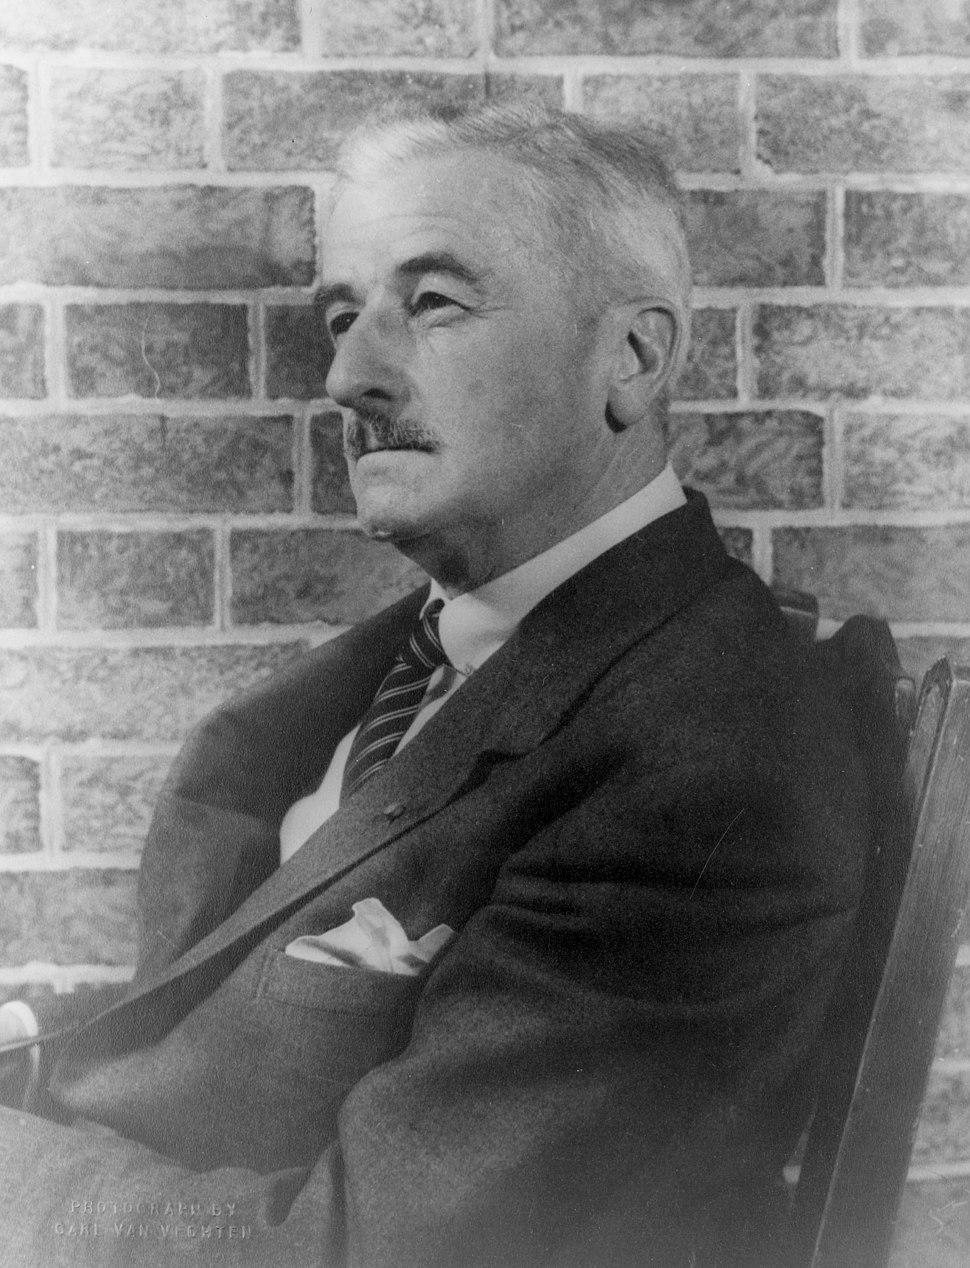 William Faulkner 1954 (2) (photo by Carl van Vechten)